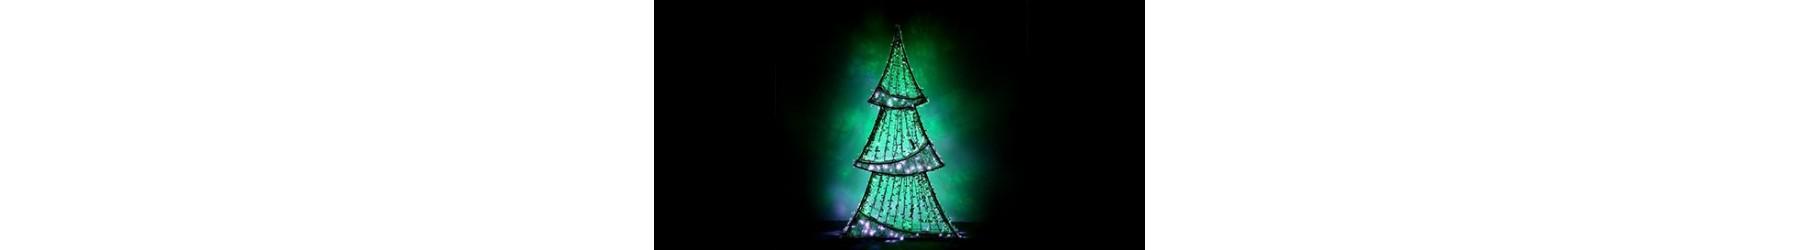 Φωτιζόμενα Χριστουγεννιάτικα δεντράκια διακόσμησης